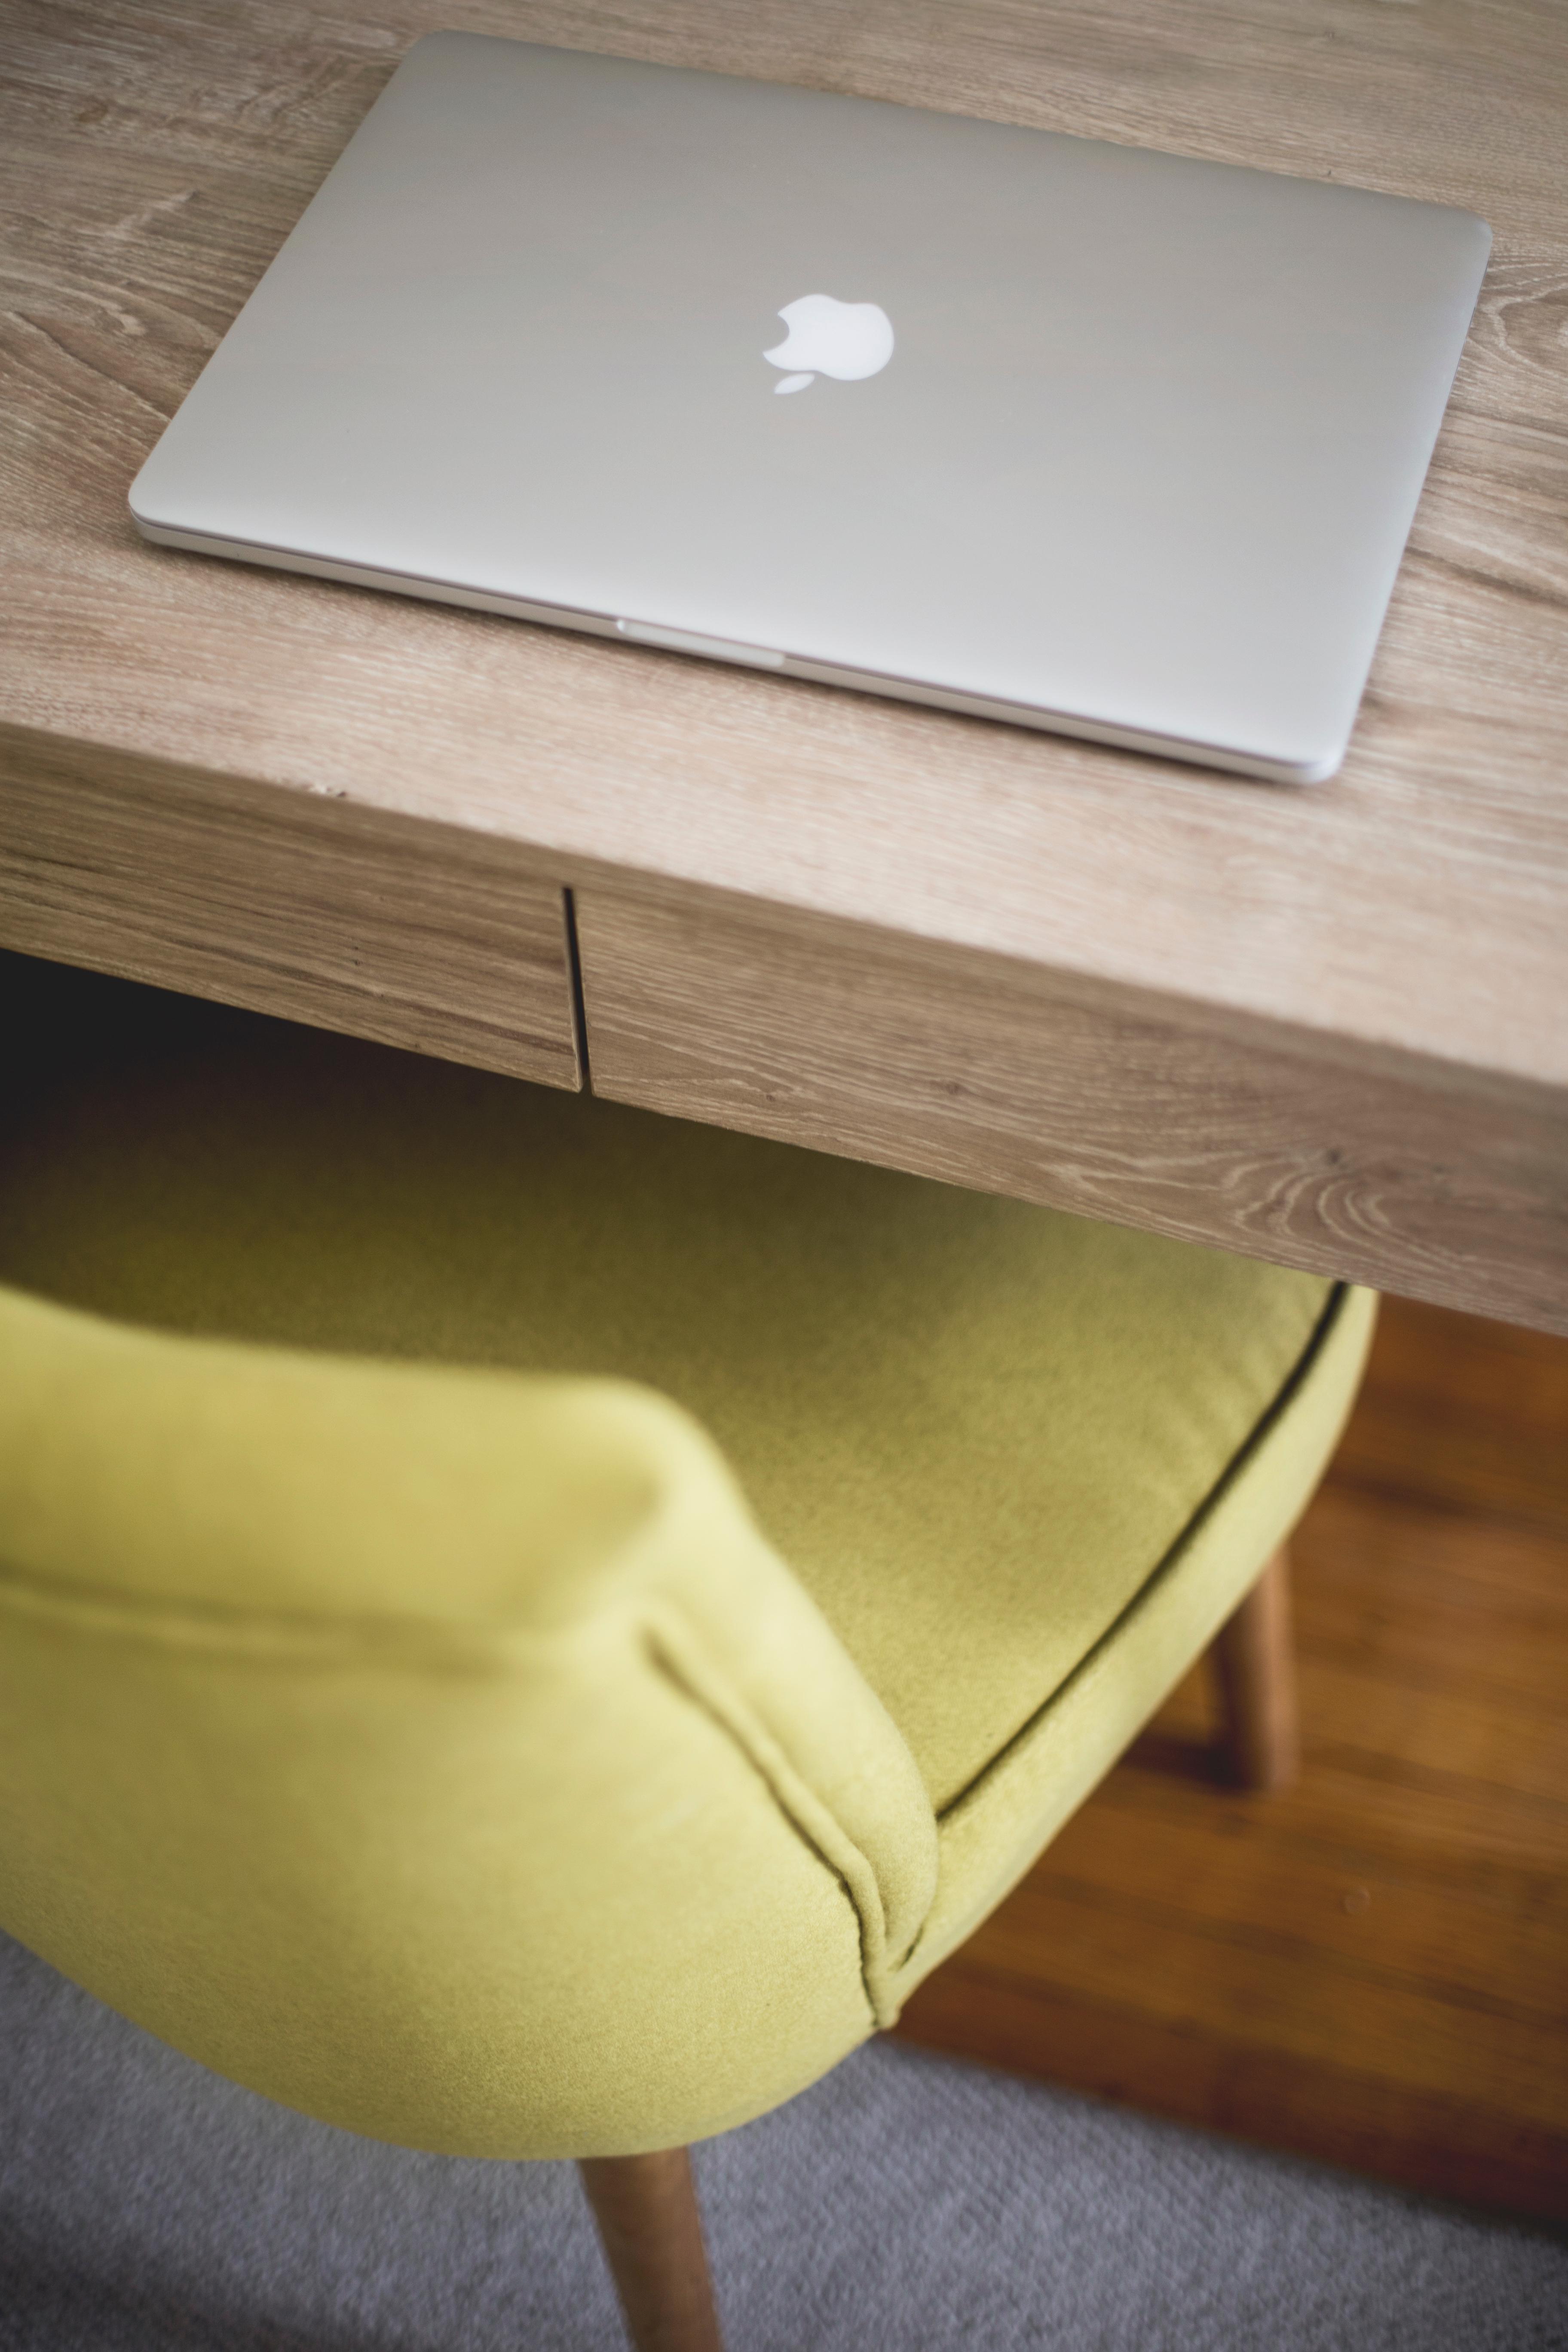 Macbook Table Wood Chair Floor Workspace Desktop Furniture Coffee Shape